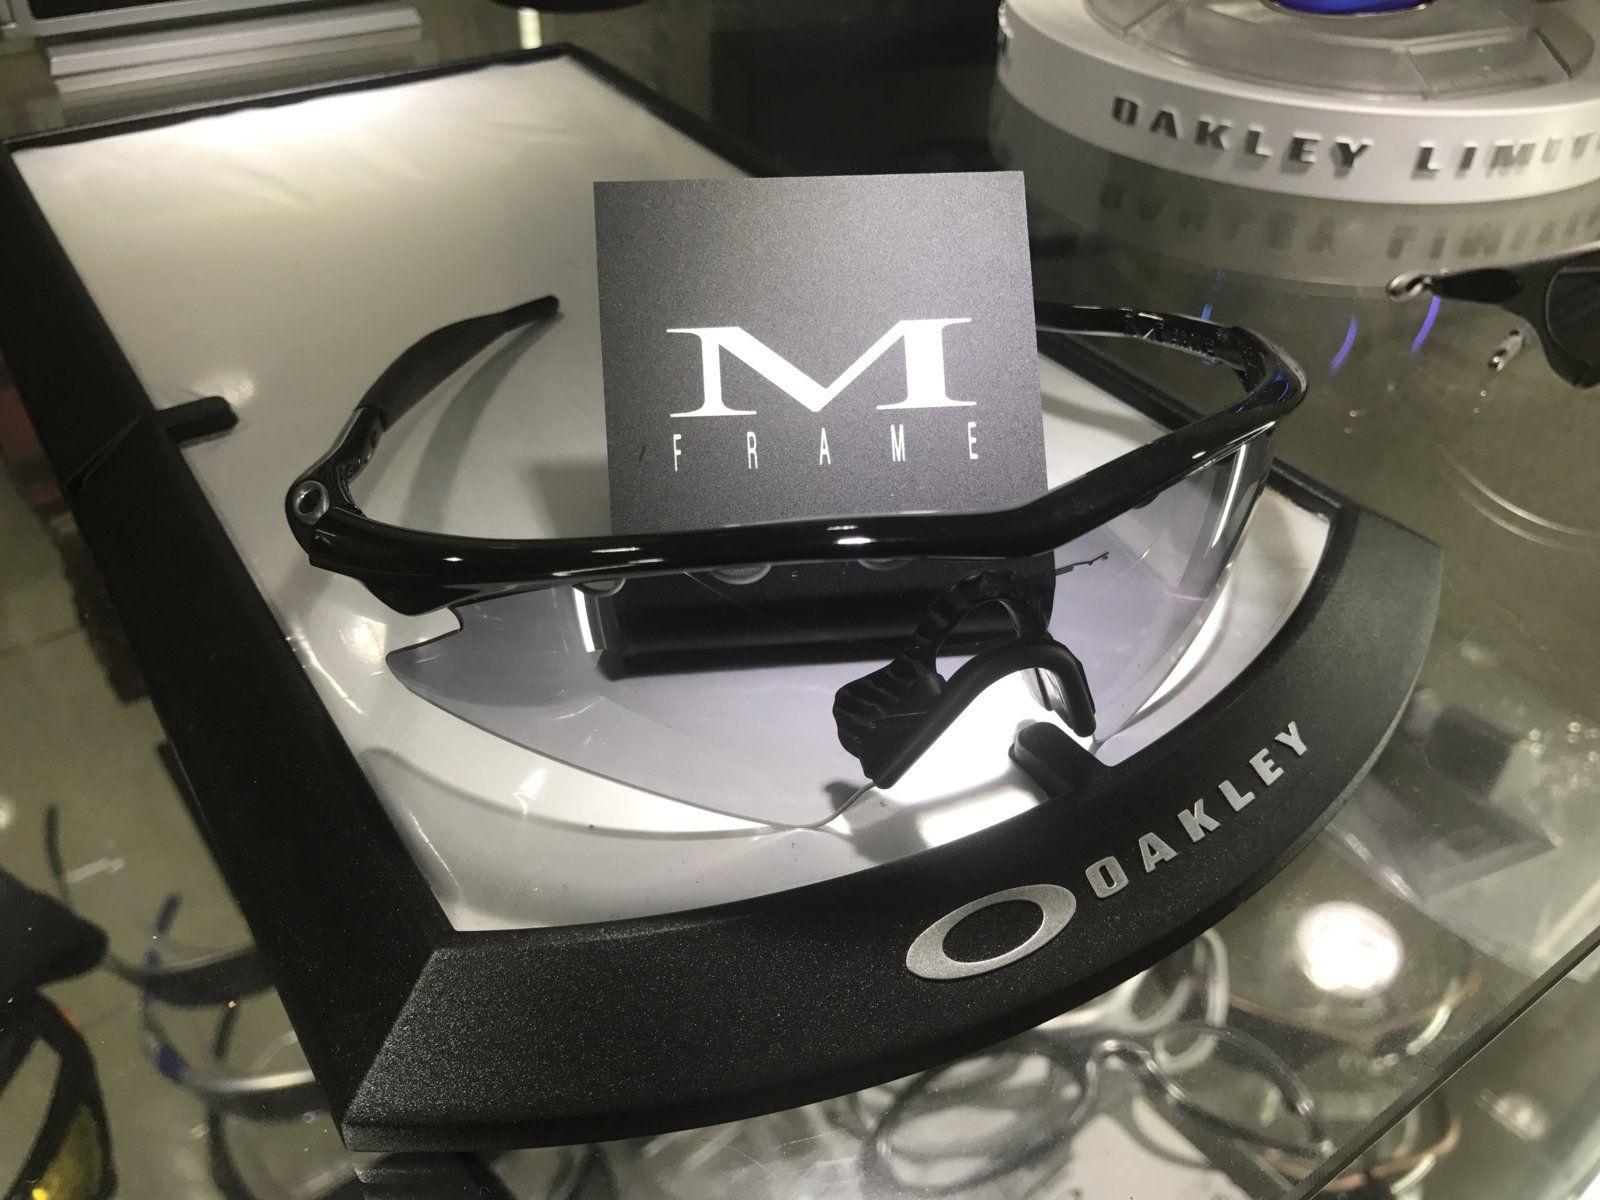 M-Frame Sweep jet Black w/ slatte Iridium SKU: 09-608 + 2 set of new oem rubbers - IMG_8352.JPG